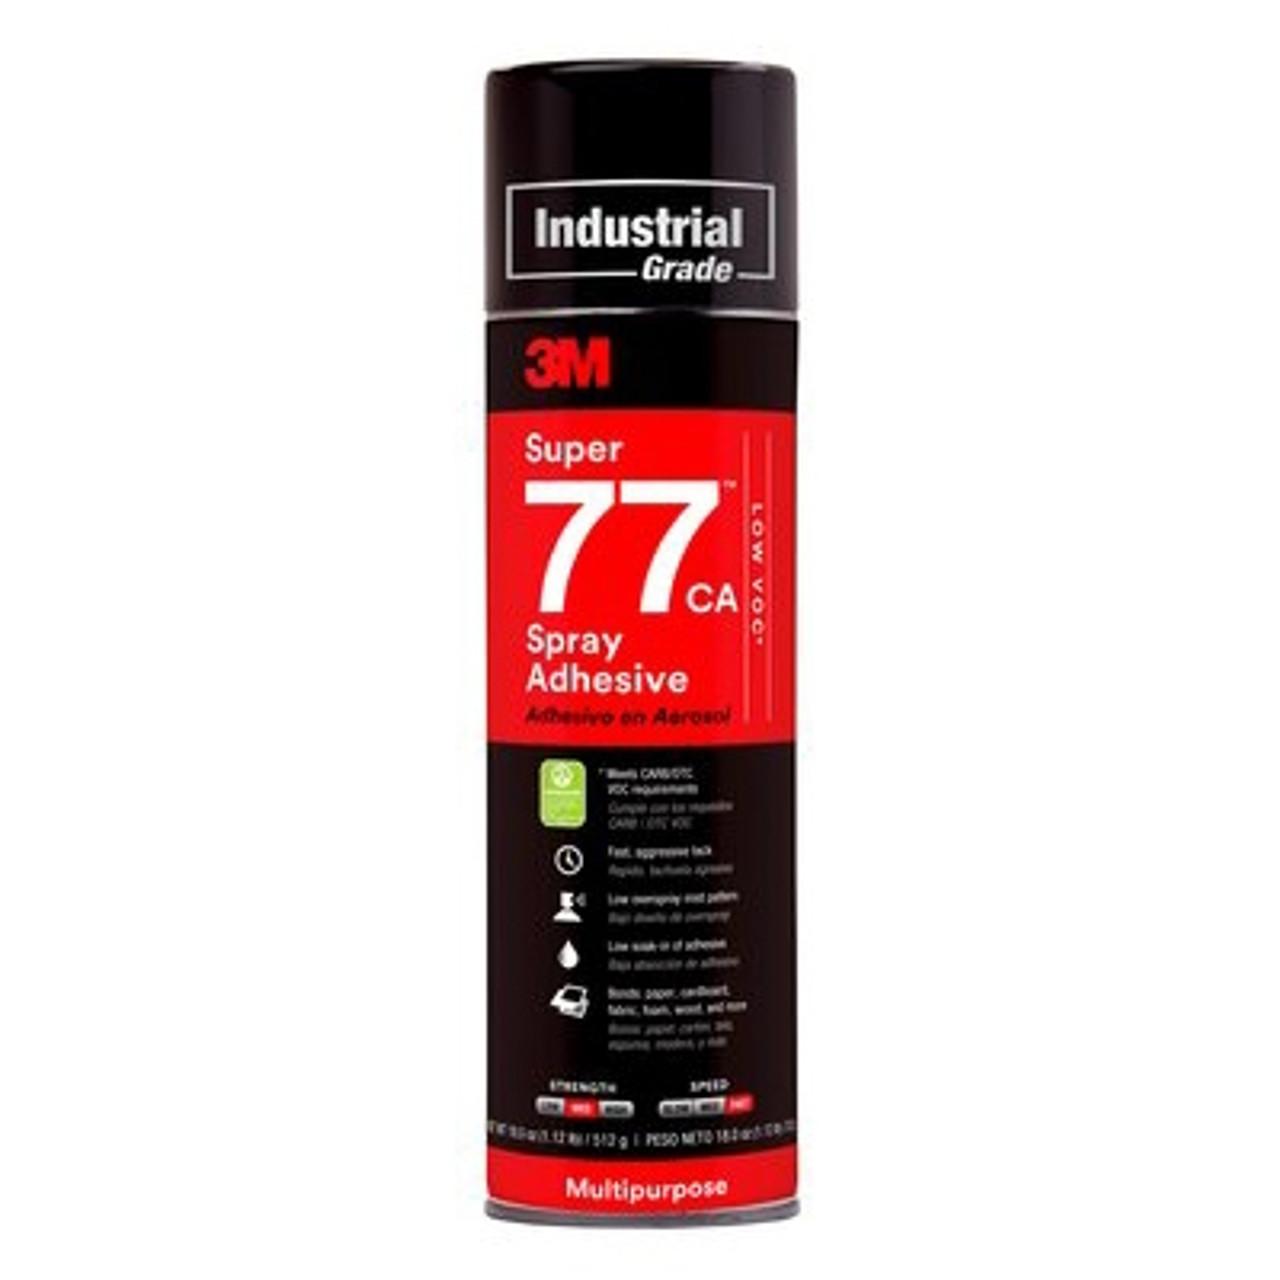 3M™ Super 77 Low Voc Spray Adhesive